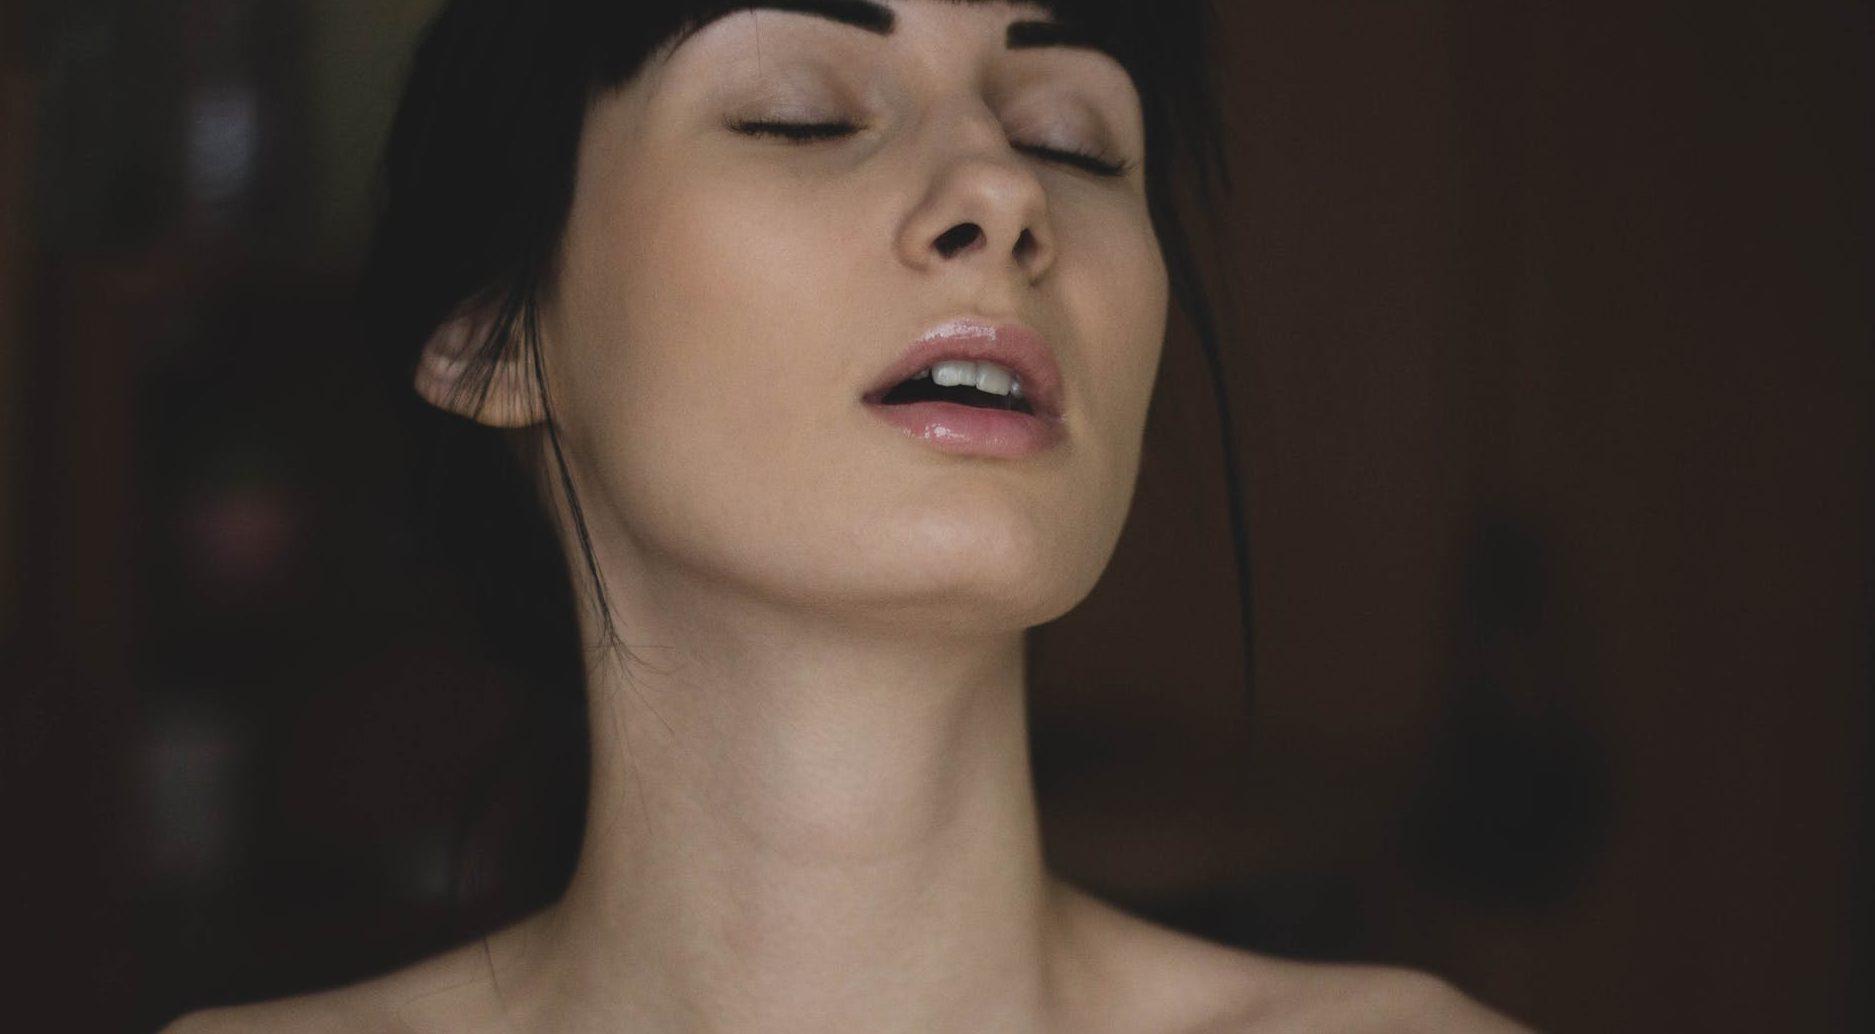 Orgasmos De Chicas 10 beneficios del orgasmo femenino   vida   biobiochile